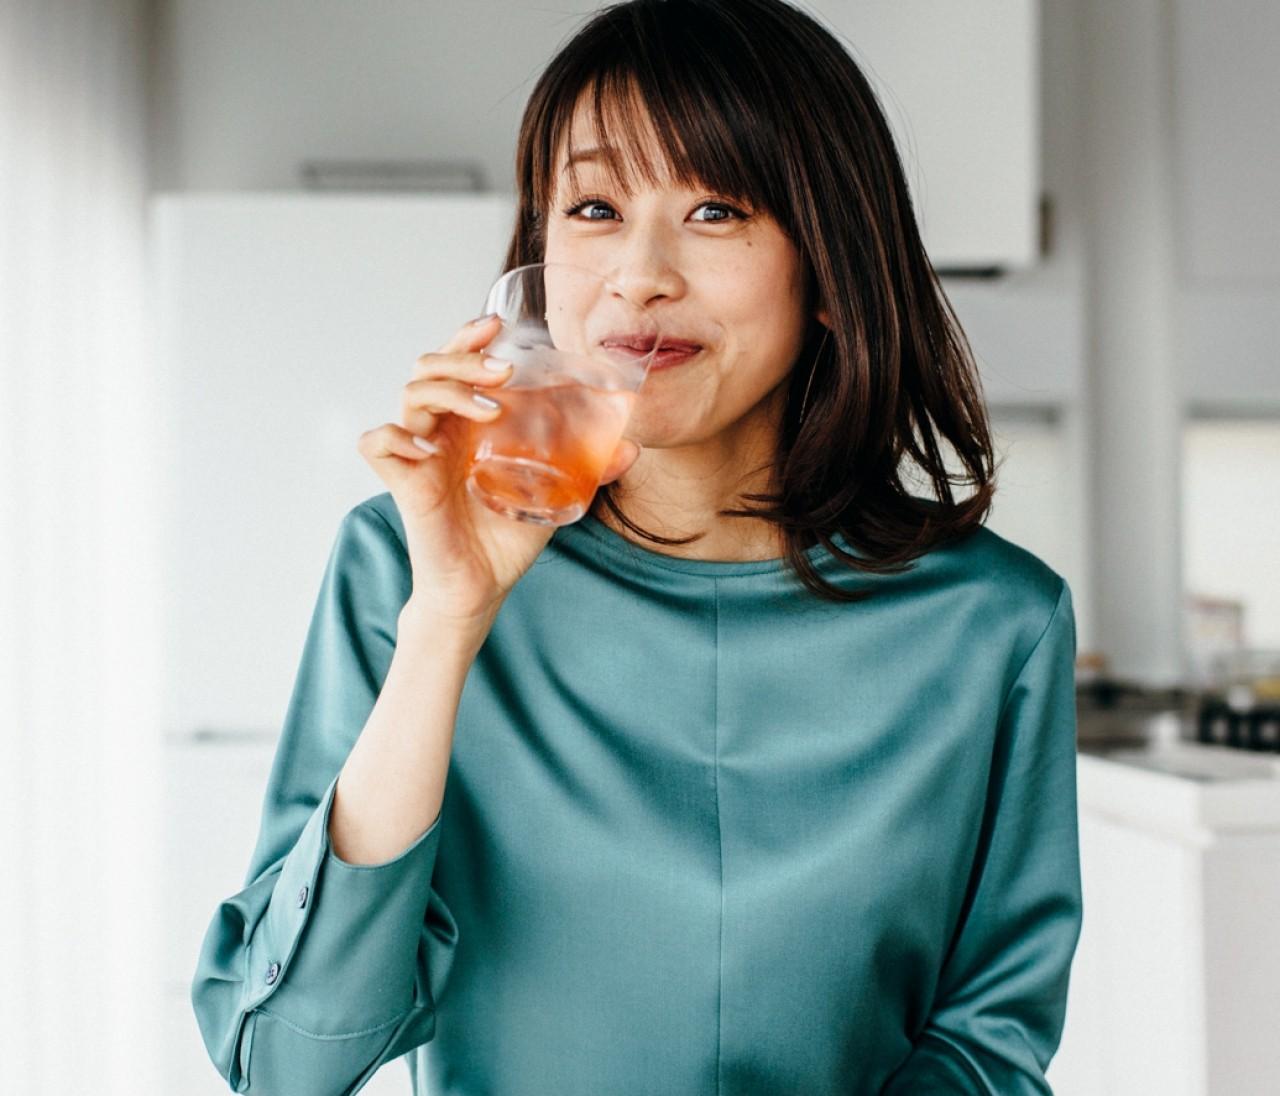 カトパン=加藤綾子さんも感動したいちごウォーターレシピ【カトパンの週末ふるまいごはん】